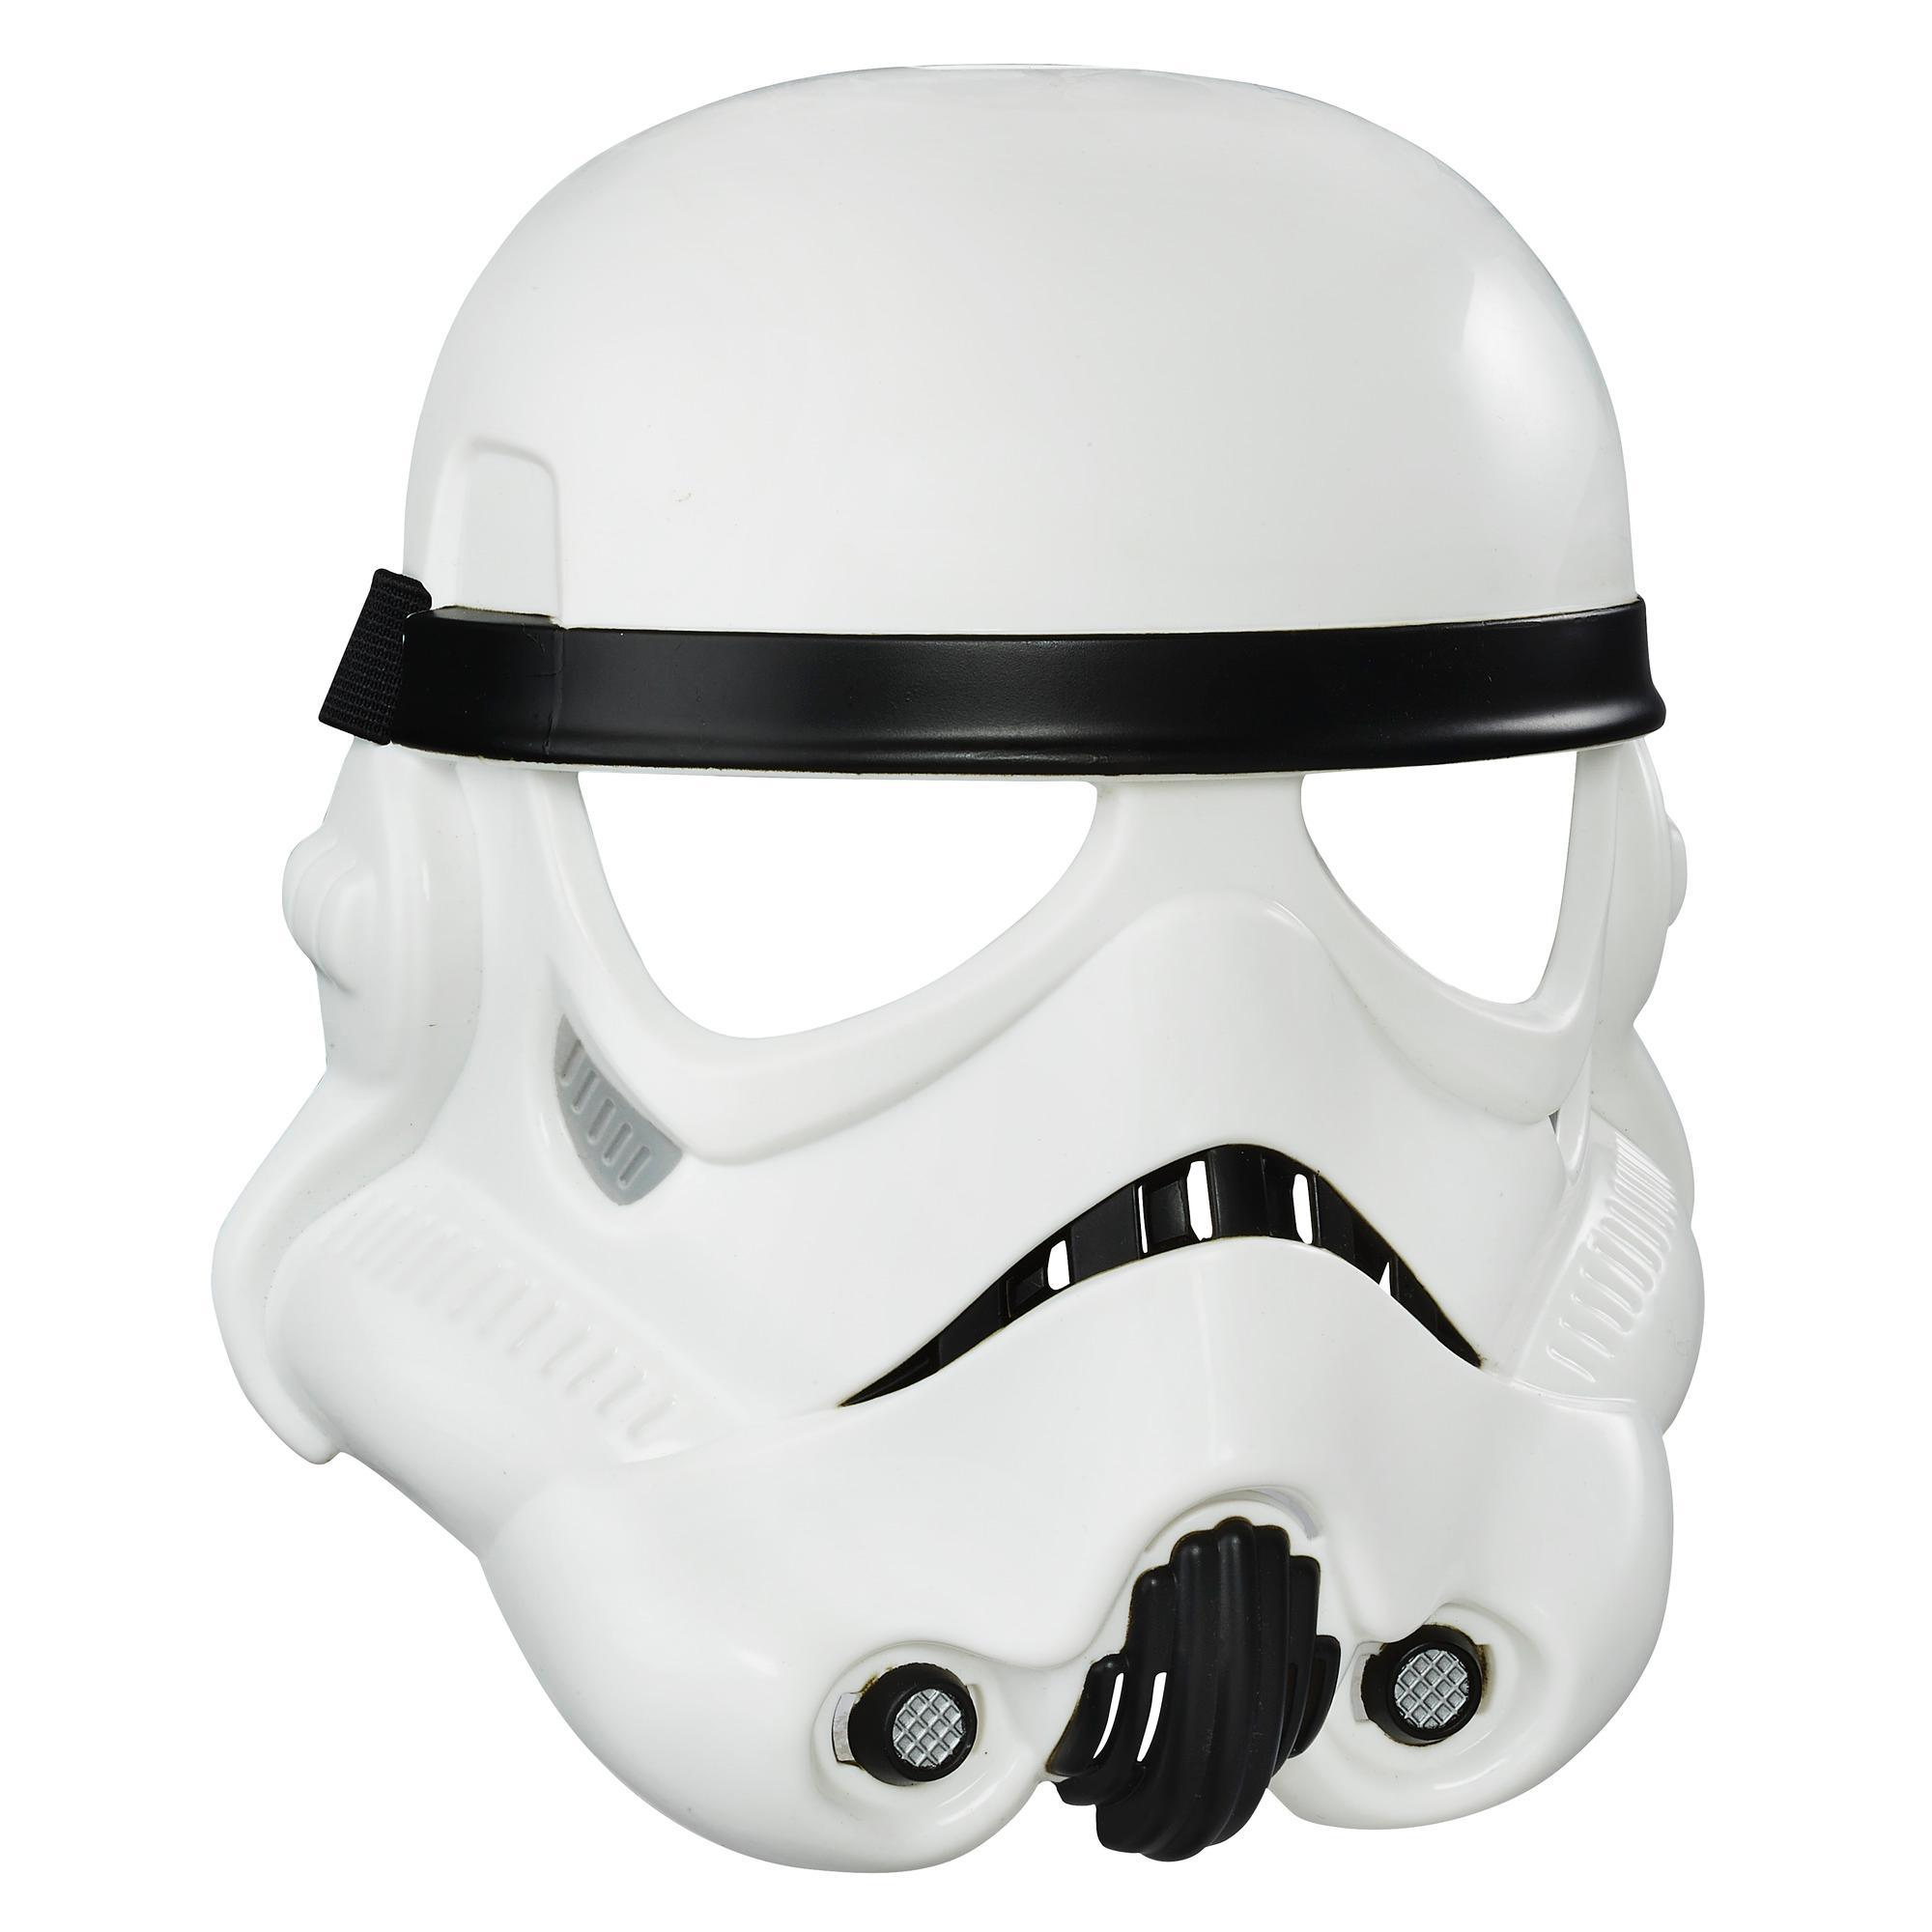 Star Wars Rogue One Masken Stormtrooper